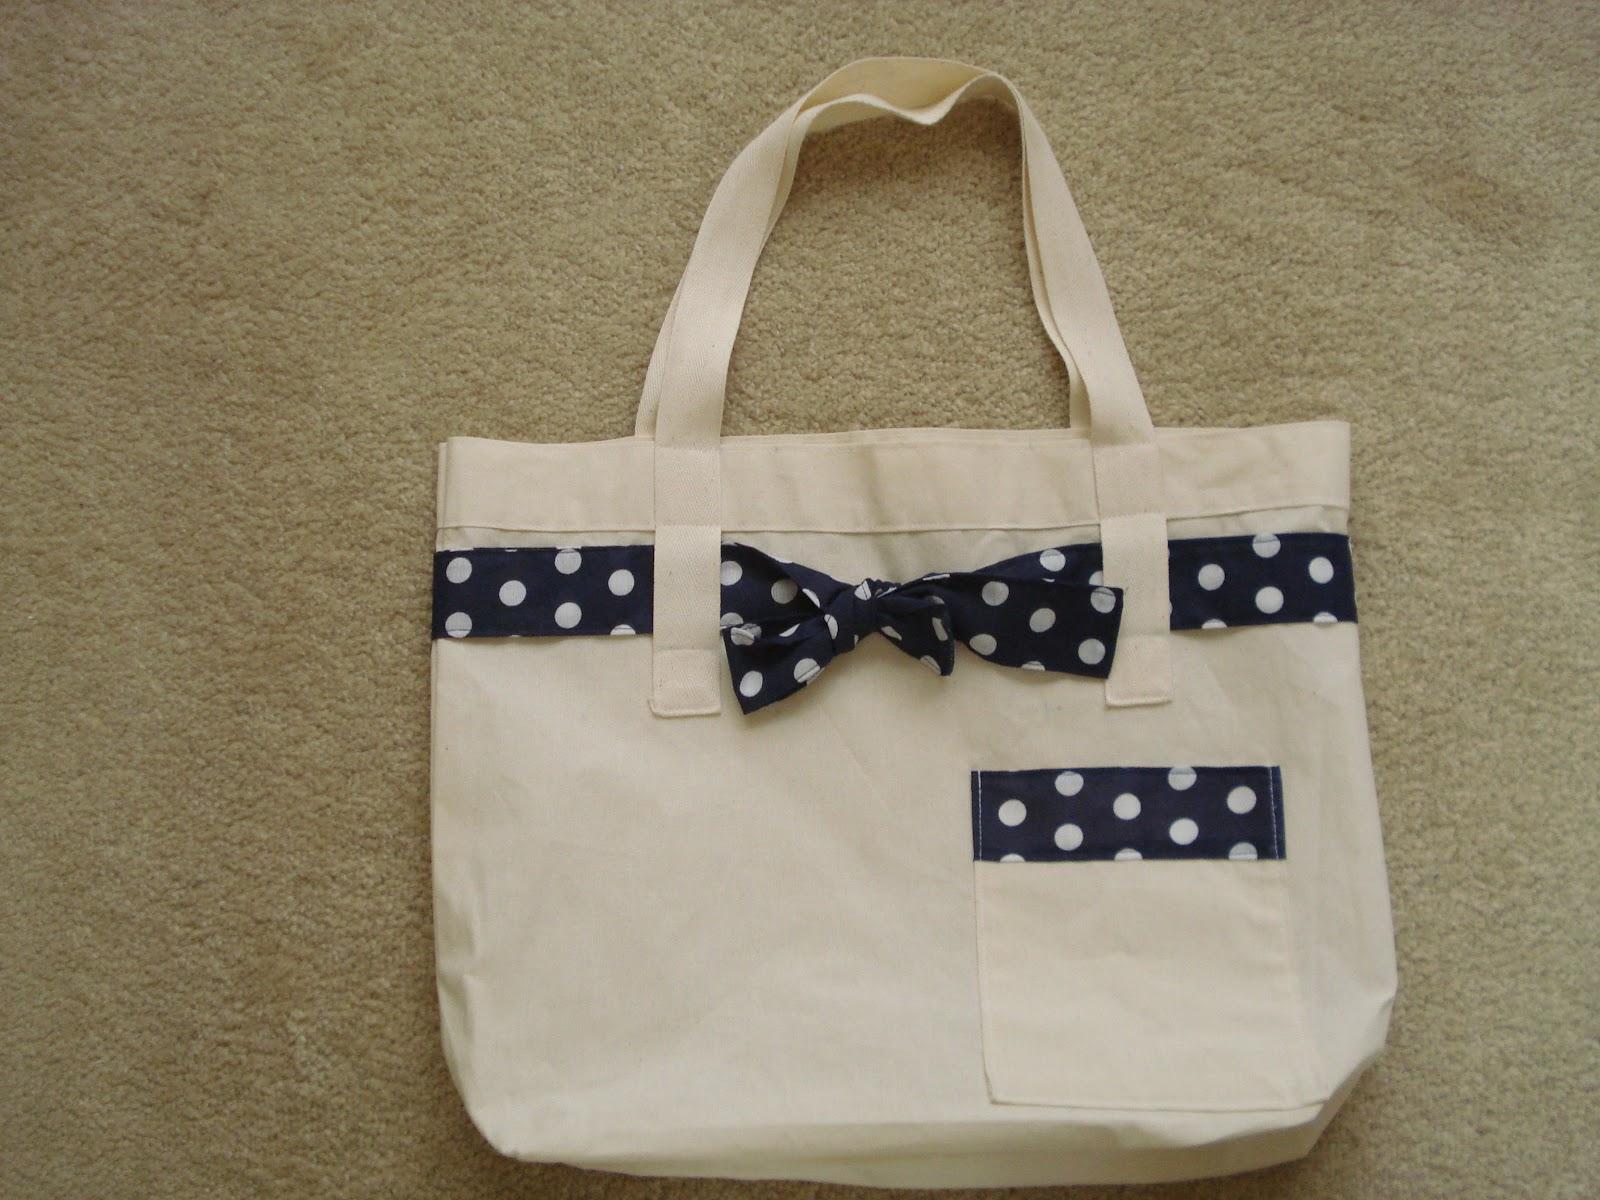 Bolsa De Tecido De Algodão Cru : By haru ecobags e bolsas de tecido